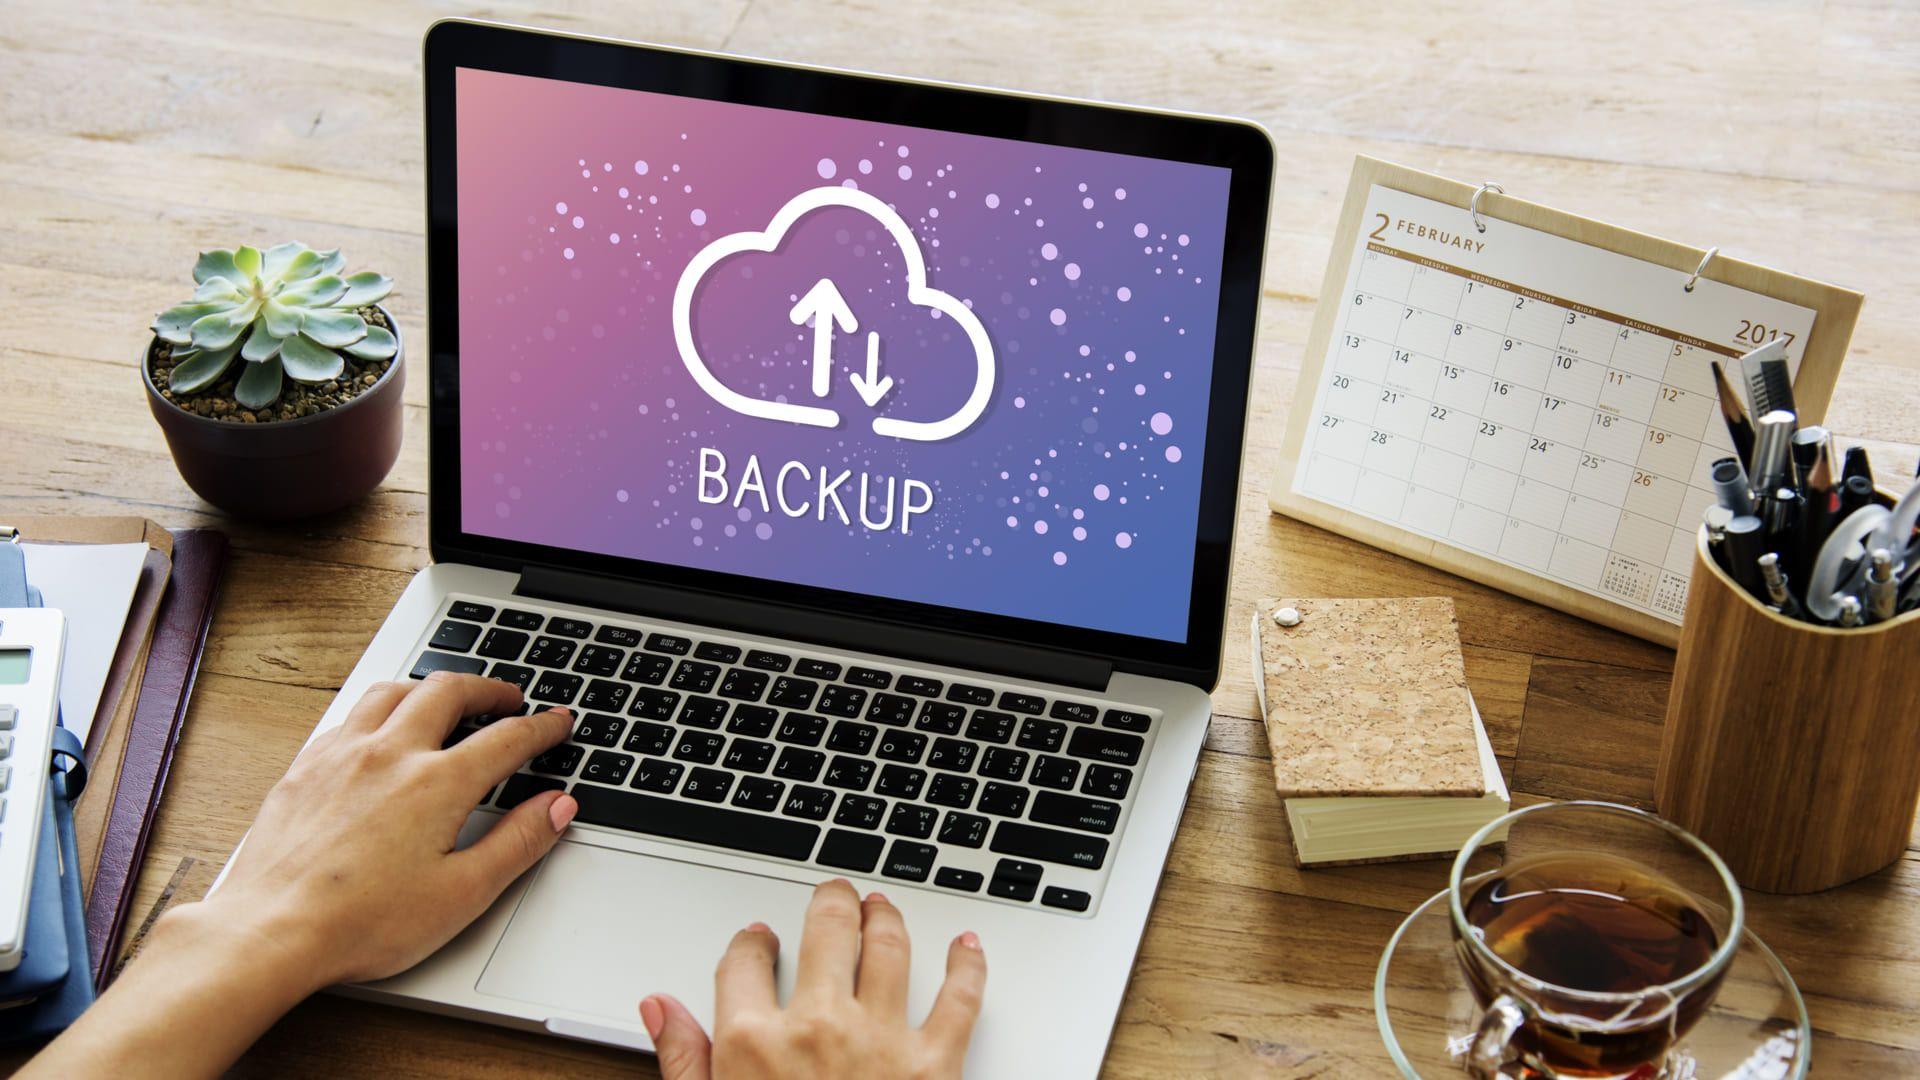 """Backup é um termo que significa """"cópia de segurança"""" em português (Foto:Shutterstock)"""